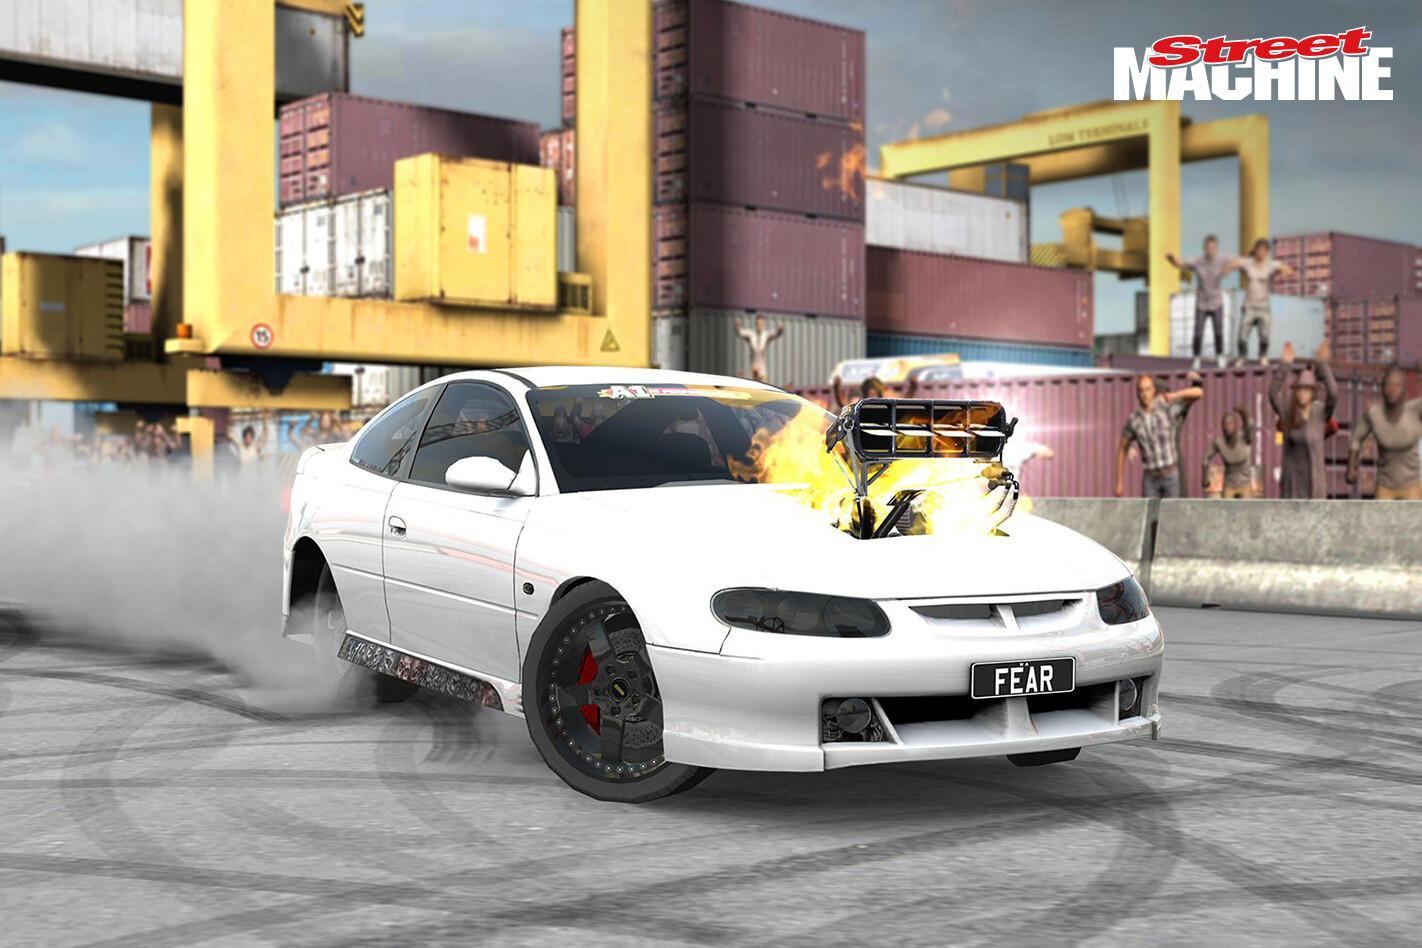 HSV GTO Coupe Burnout FEAR